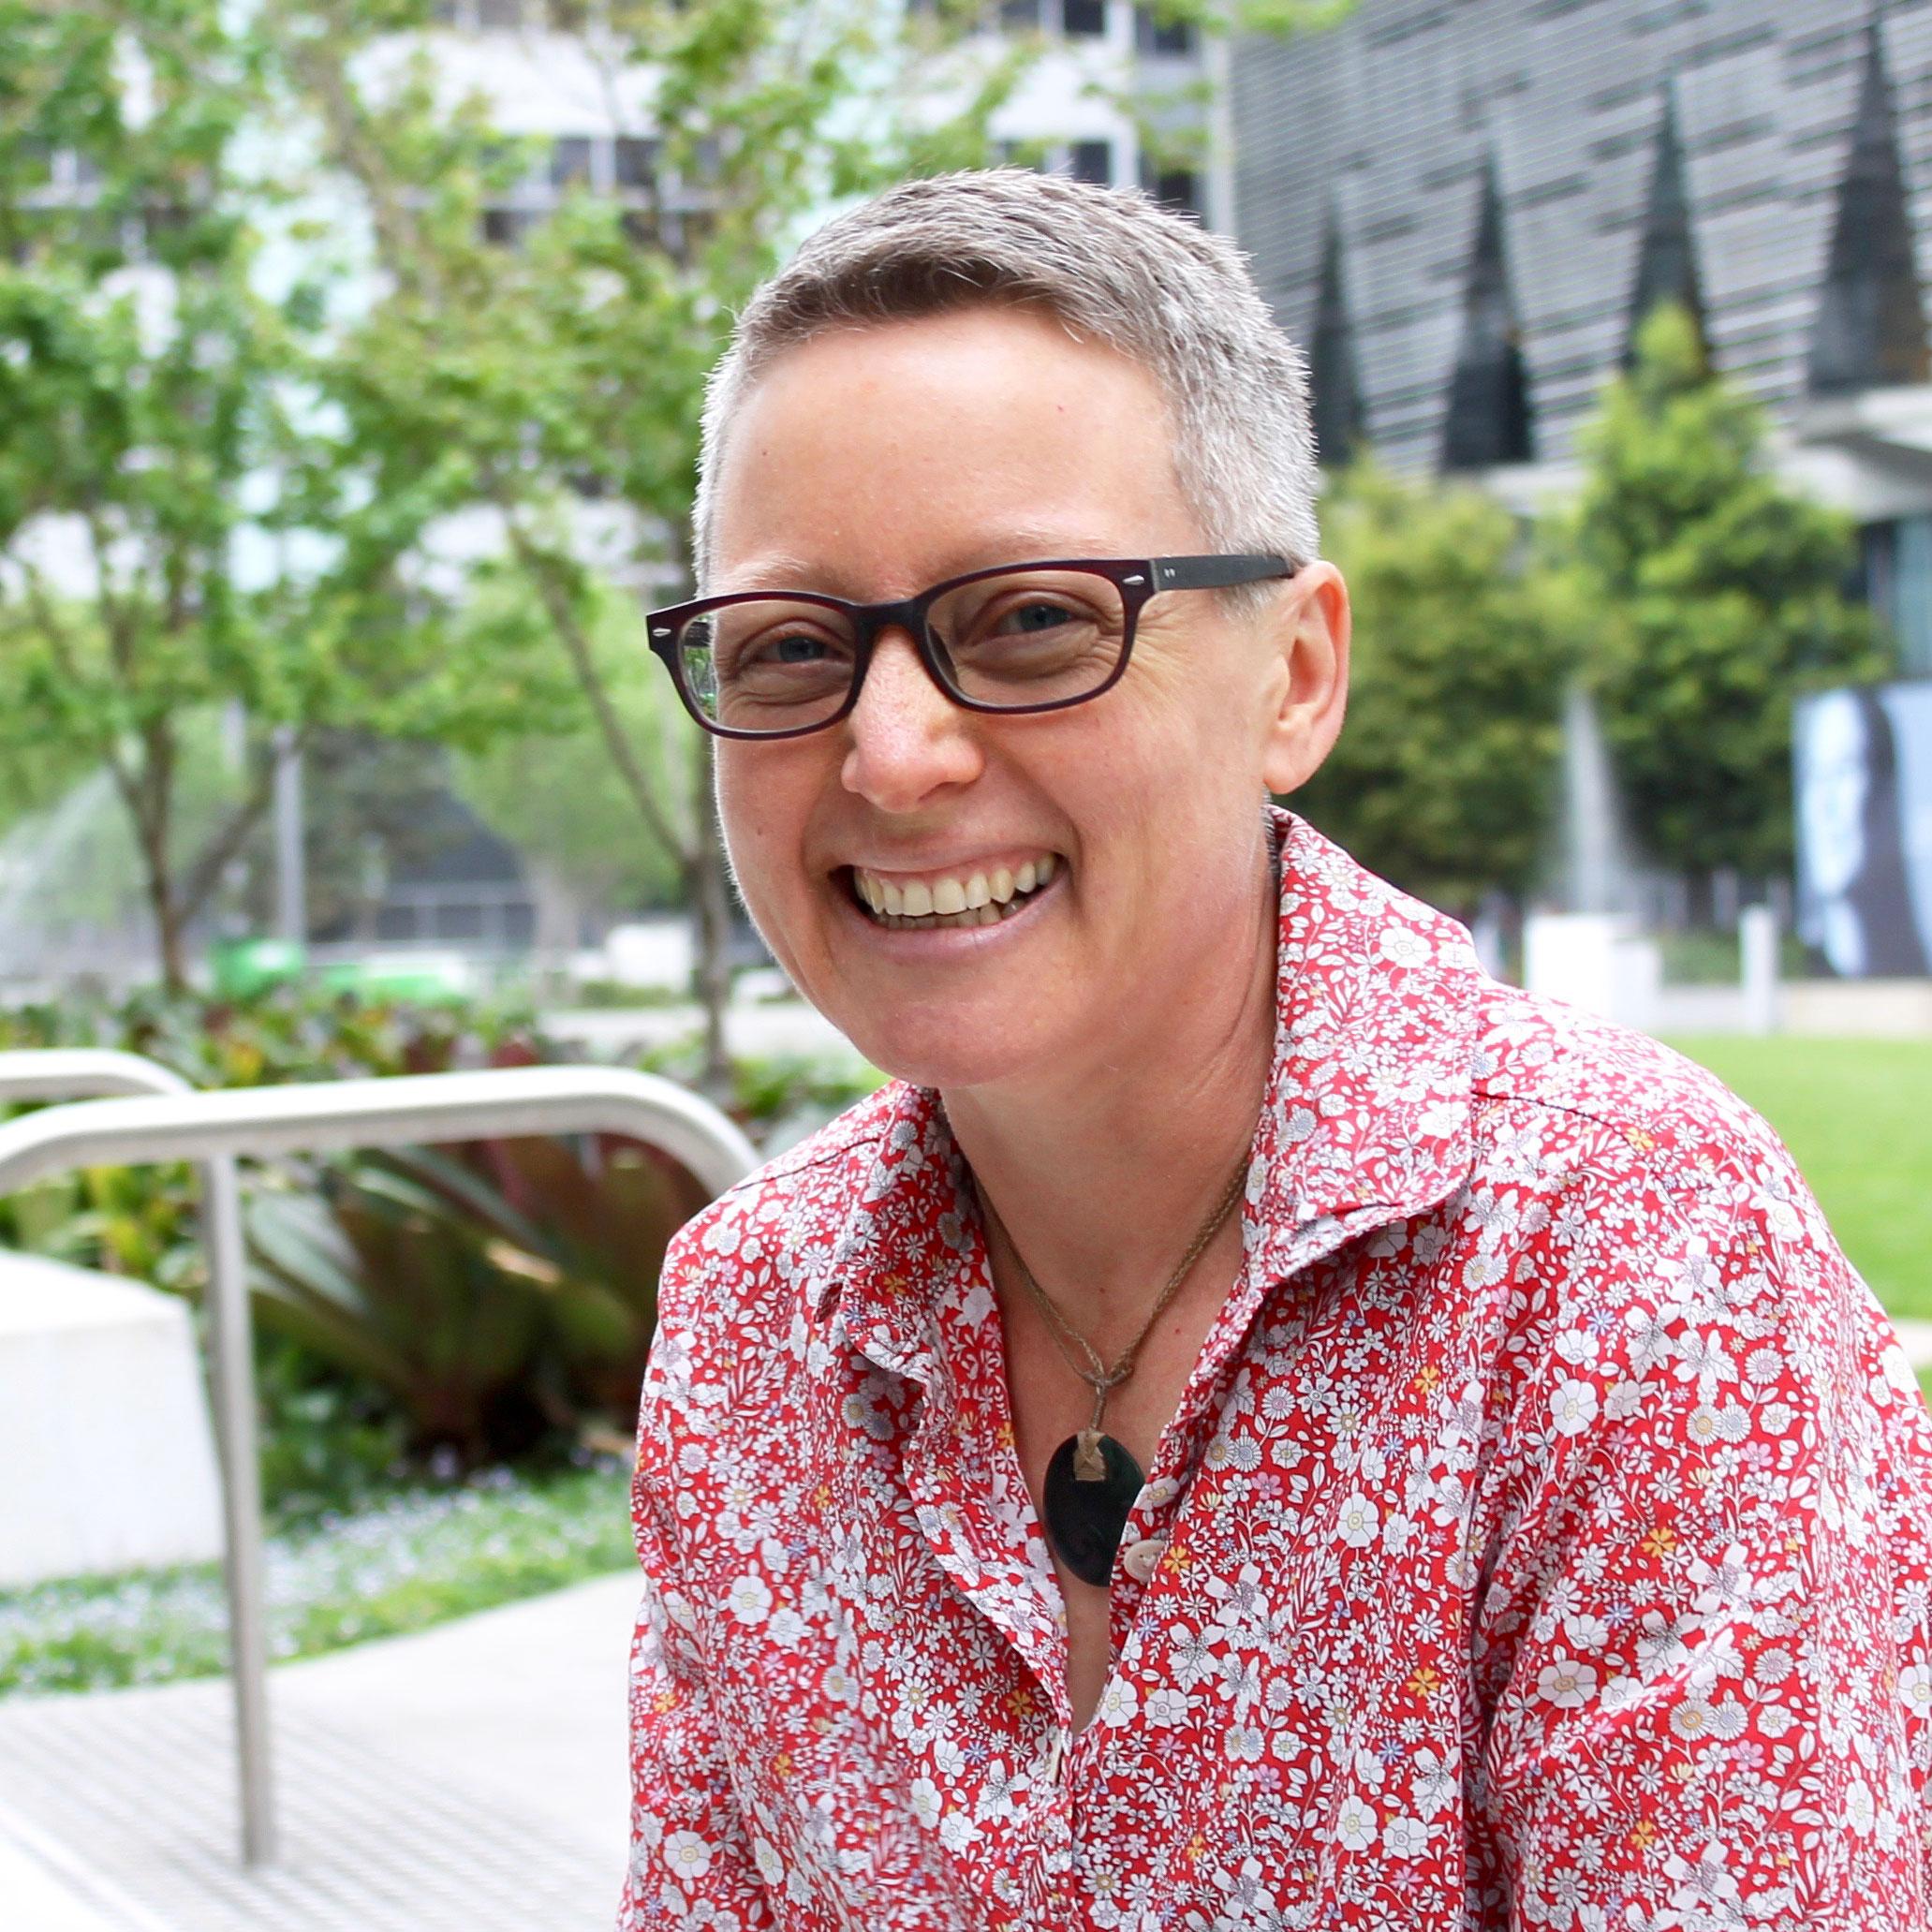 Alison McEwen